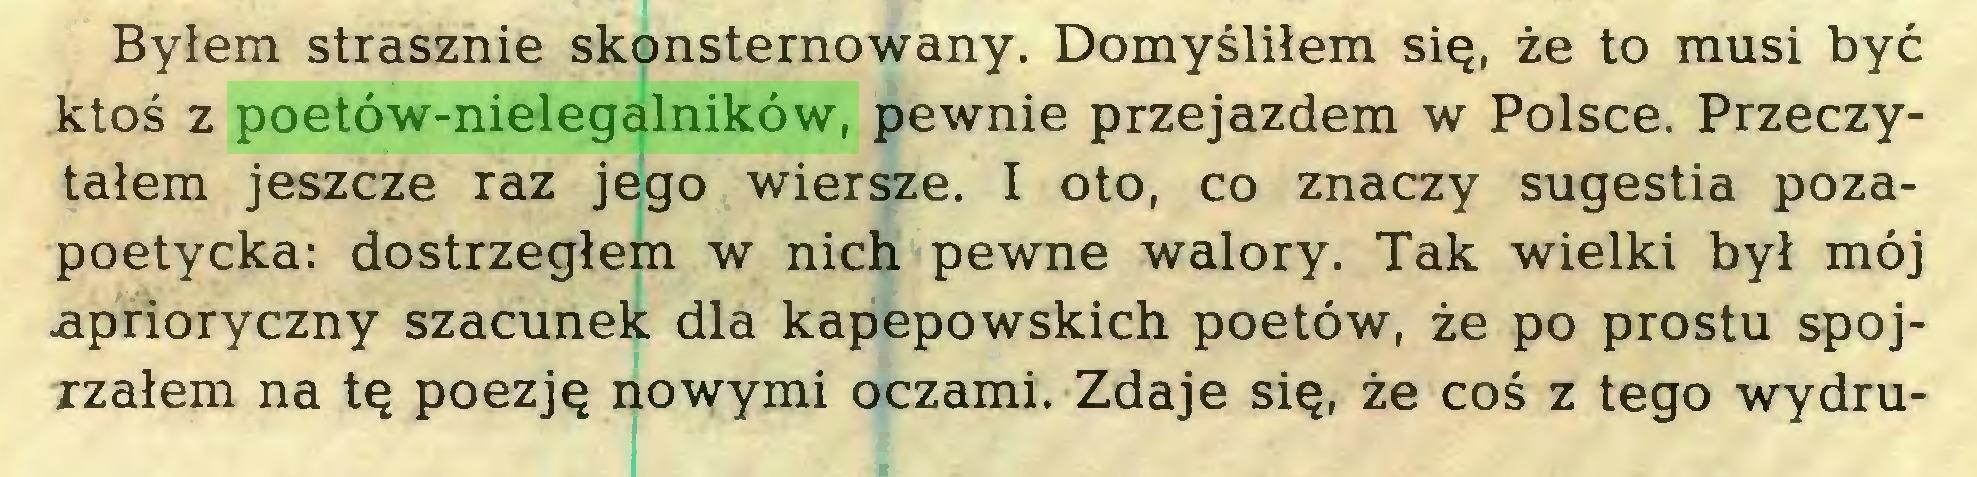 (...) Byłem strasznie skonsternowany. Domyśliłem się, że to musi być ktoś z poetów-nielegalników, pewnie przejazdem w Polsce. Przeczytałem jeszcze raz jego wiersze. I oto, co znaczy sugestia pozapoetycka: dostrzegłem w nich pewne walory. Tak wielki był mój aprioryczny szacunek dla kapepowskich poetów, że po prostu spojrzałem na tę poezję nowymi oczami. Zdaje się, że coś z tego wydm...